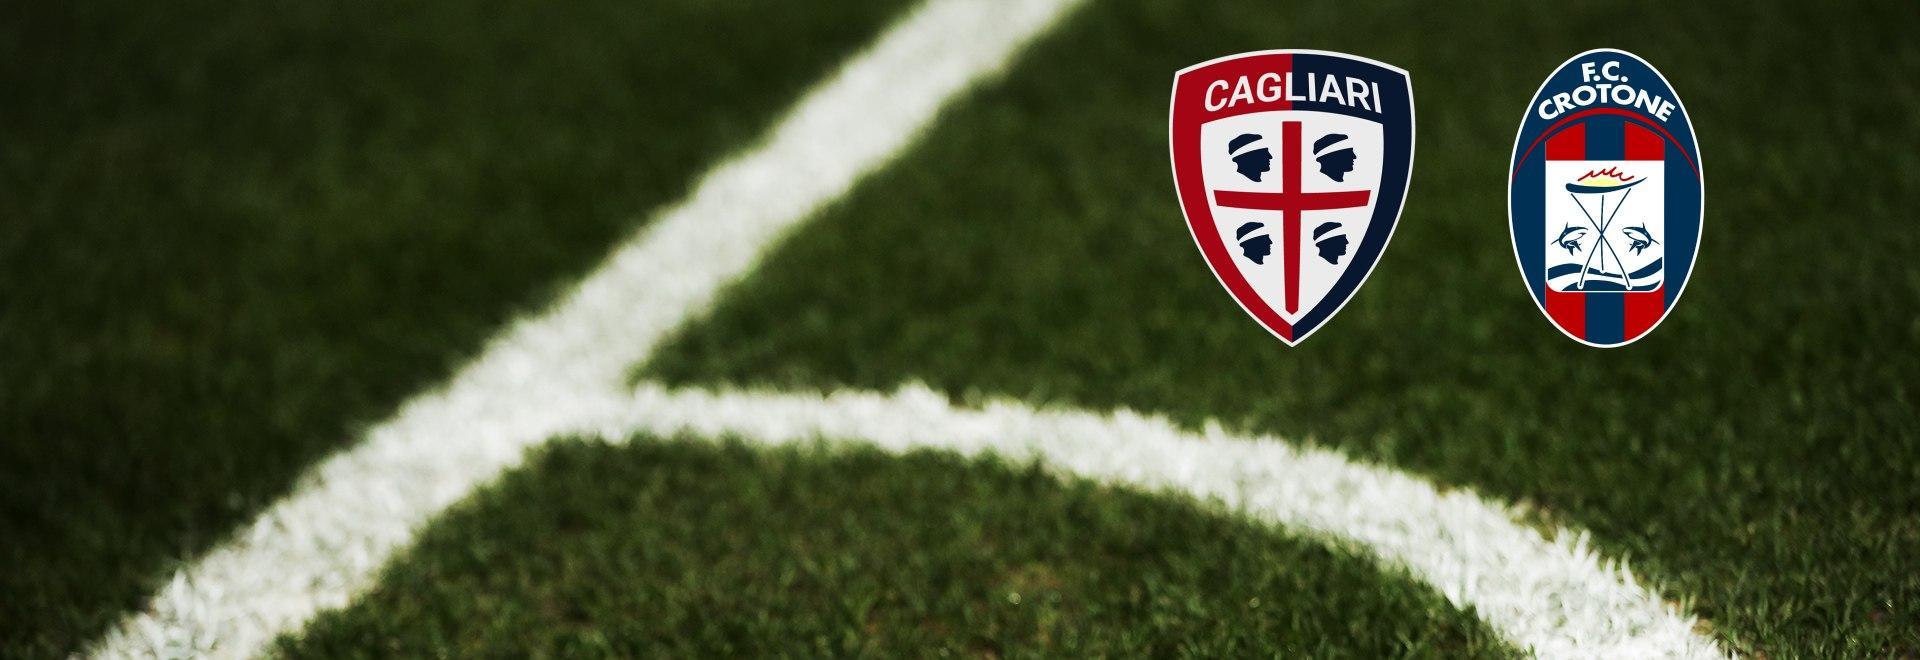 Cagliari - Crotone. 5a g.